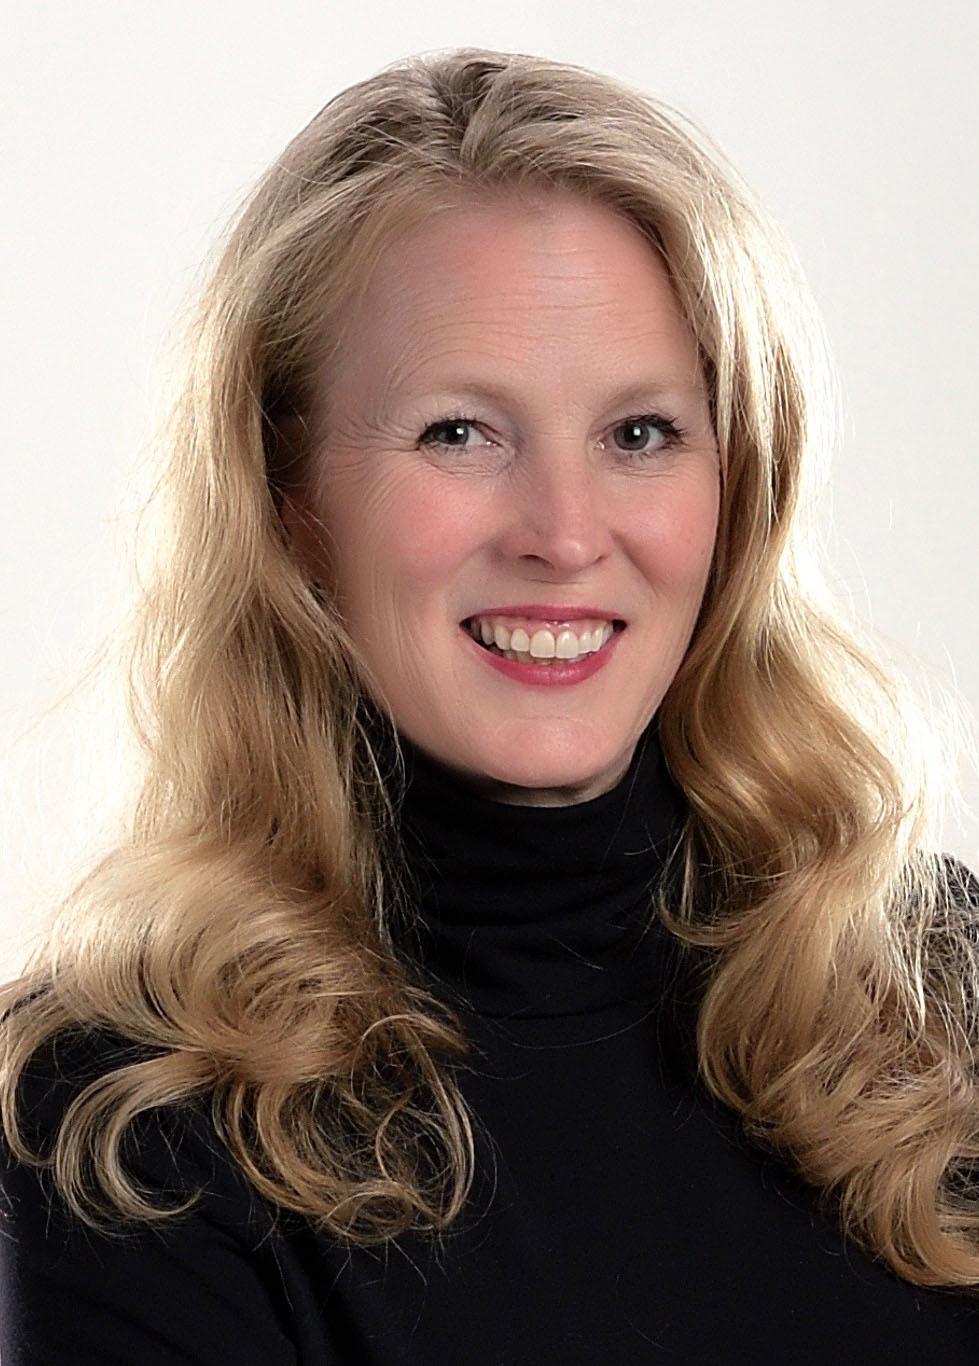 Lisa Mushel